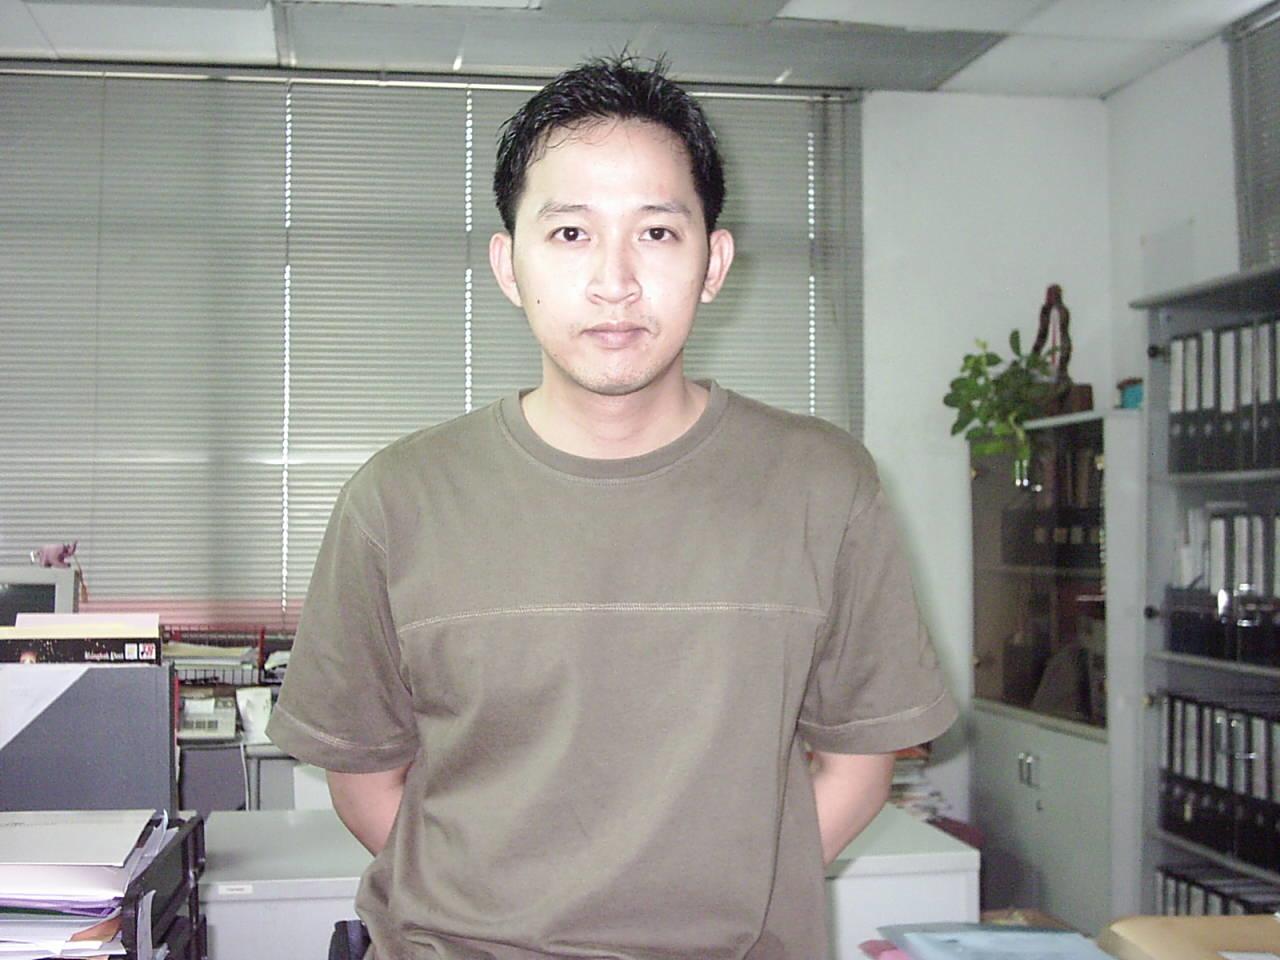 PIC 0030